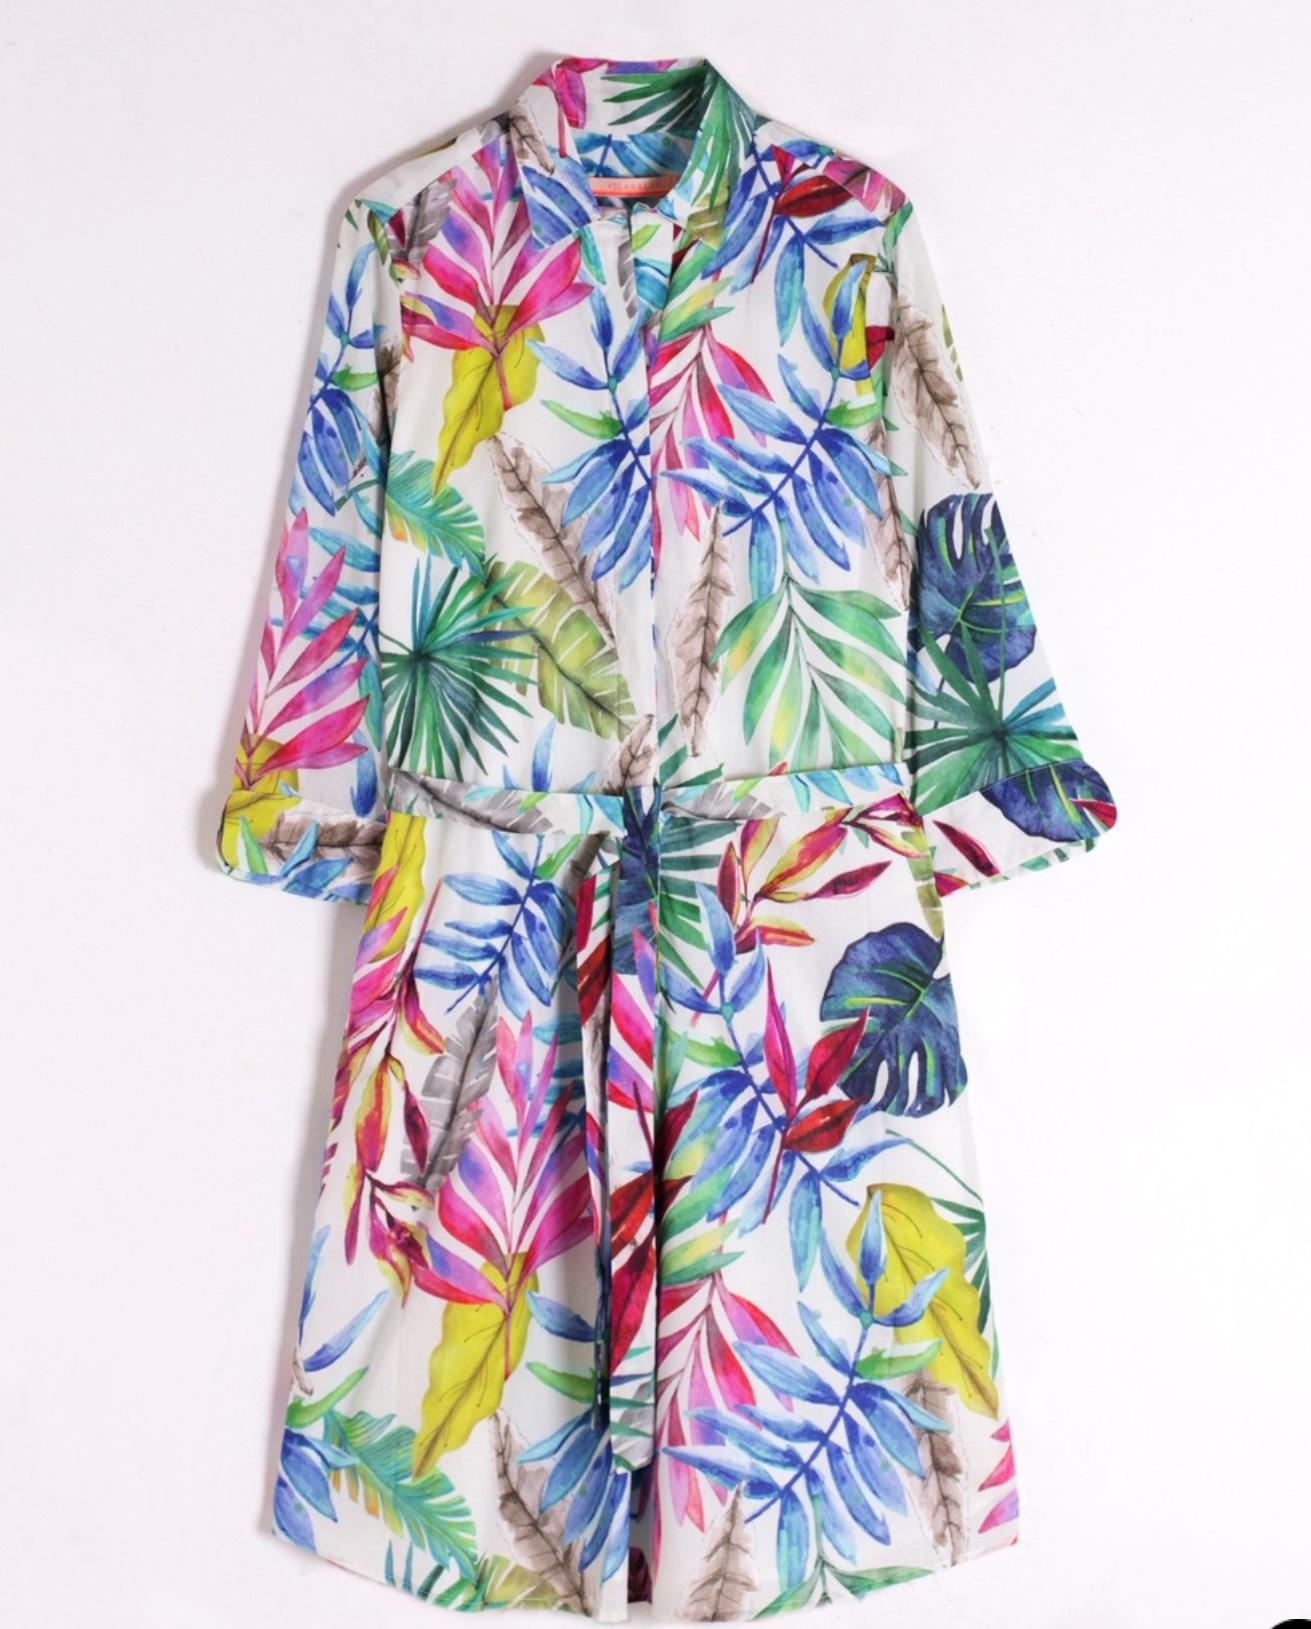 Adrianna Shirt Dress